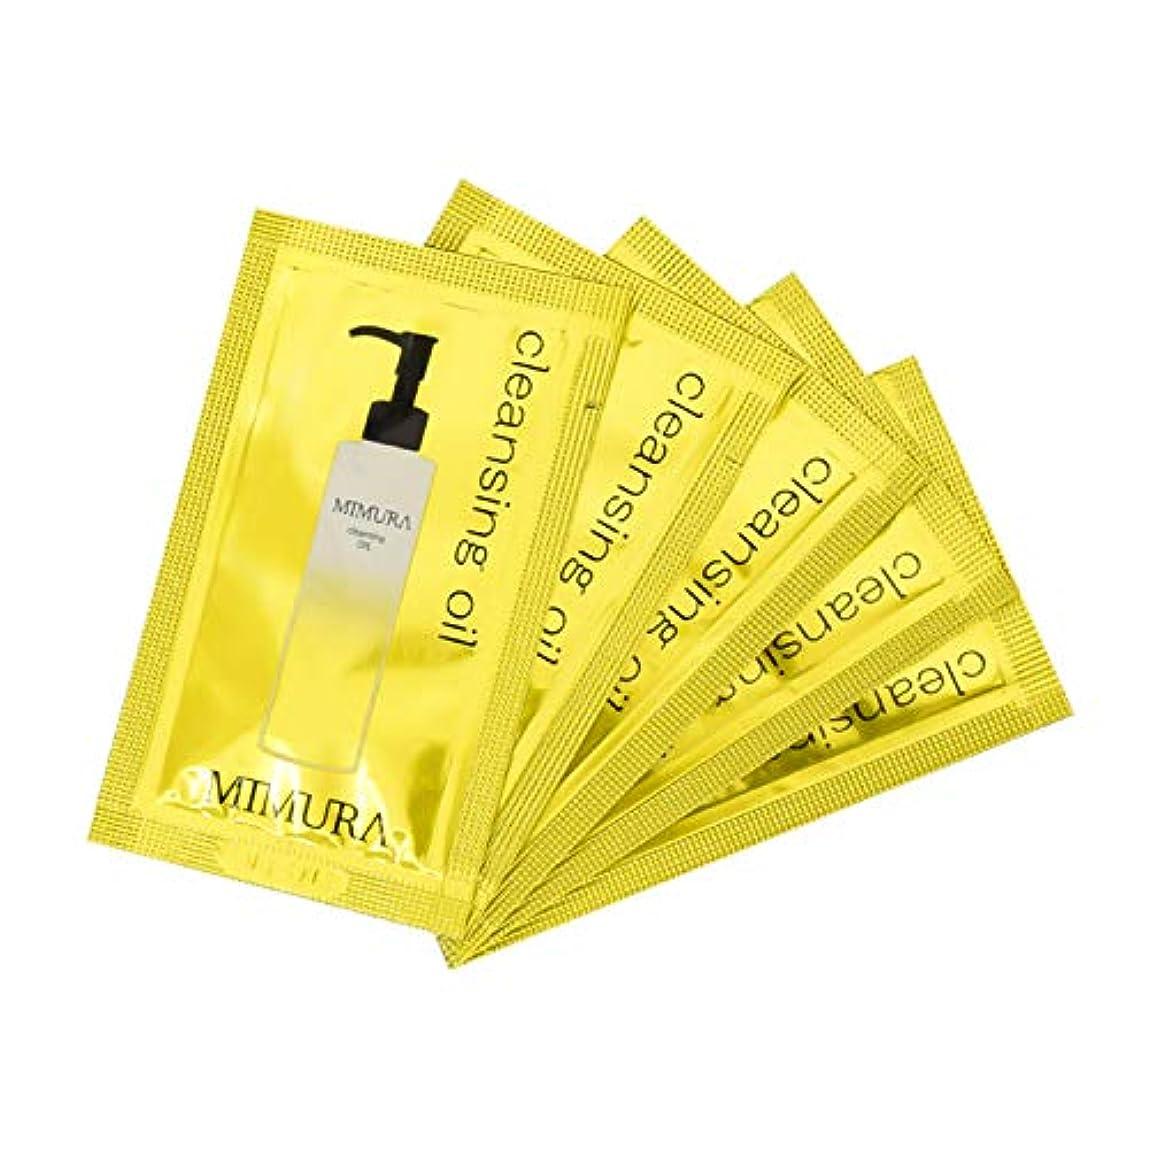 生き残ります病んでいるブロッサムメイク落とし W洗顔不要 まつエク対応 ミムラ クレンジング オイル 試供品 5個入り ゆうパケット(ポスト投函)での発送となります。 MIMURA 日本製 ※おひとり様1点までとなります。